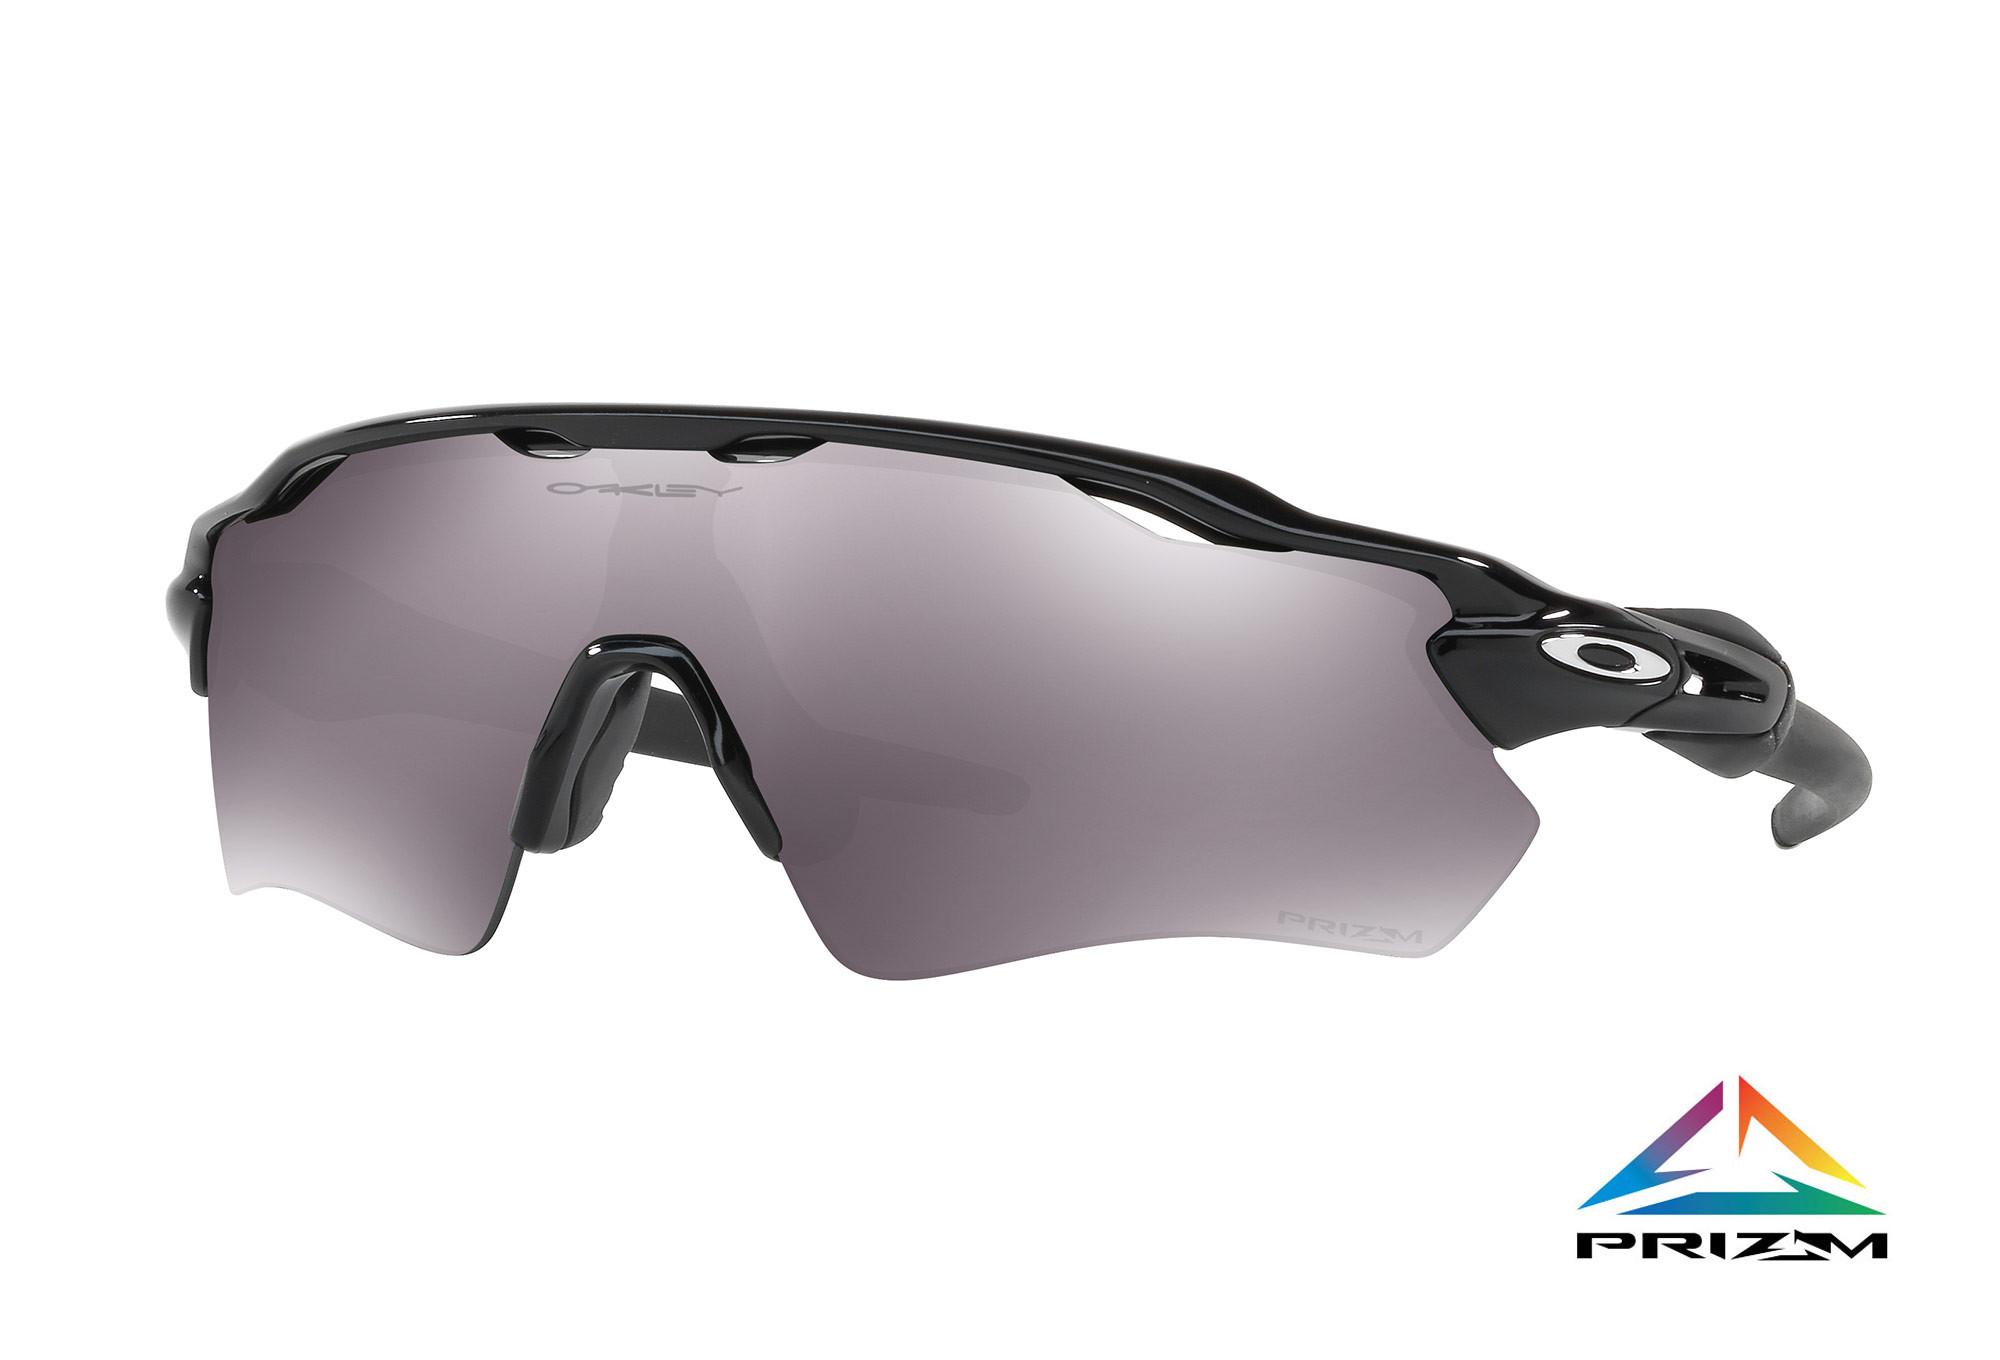 Oakley occhiali da sole radar ev path lucido nero prizm